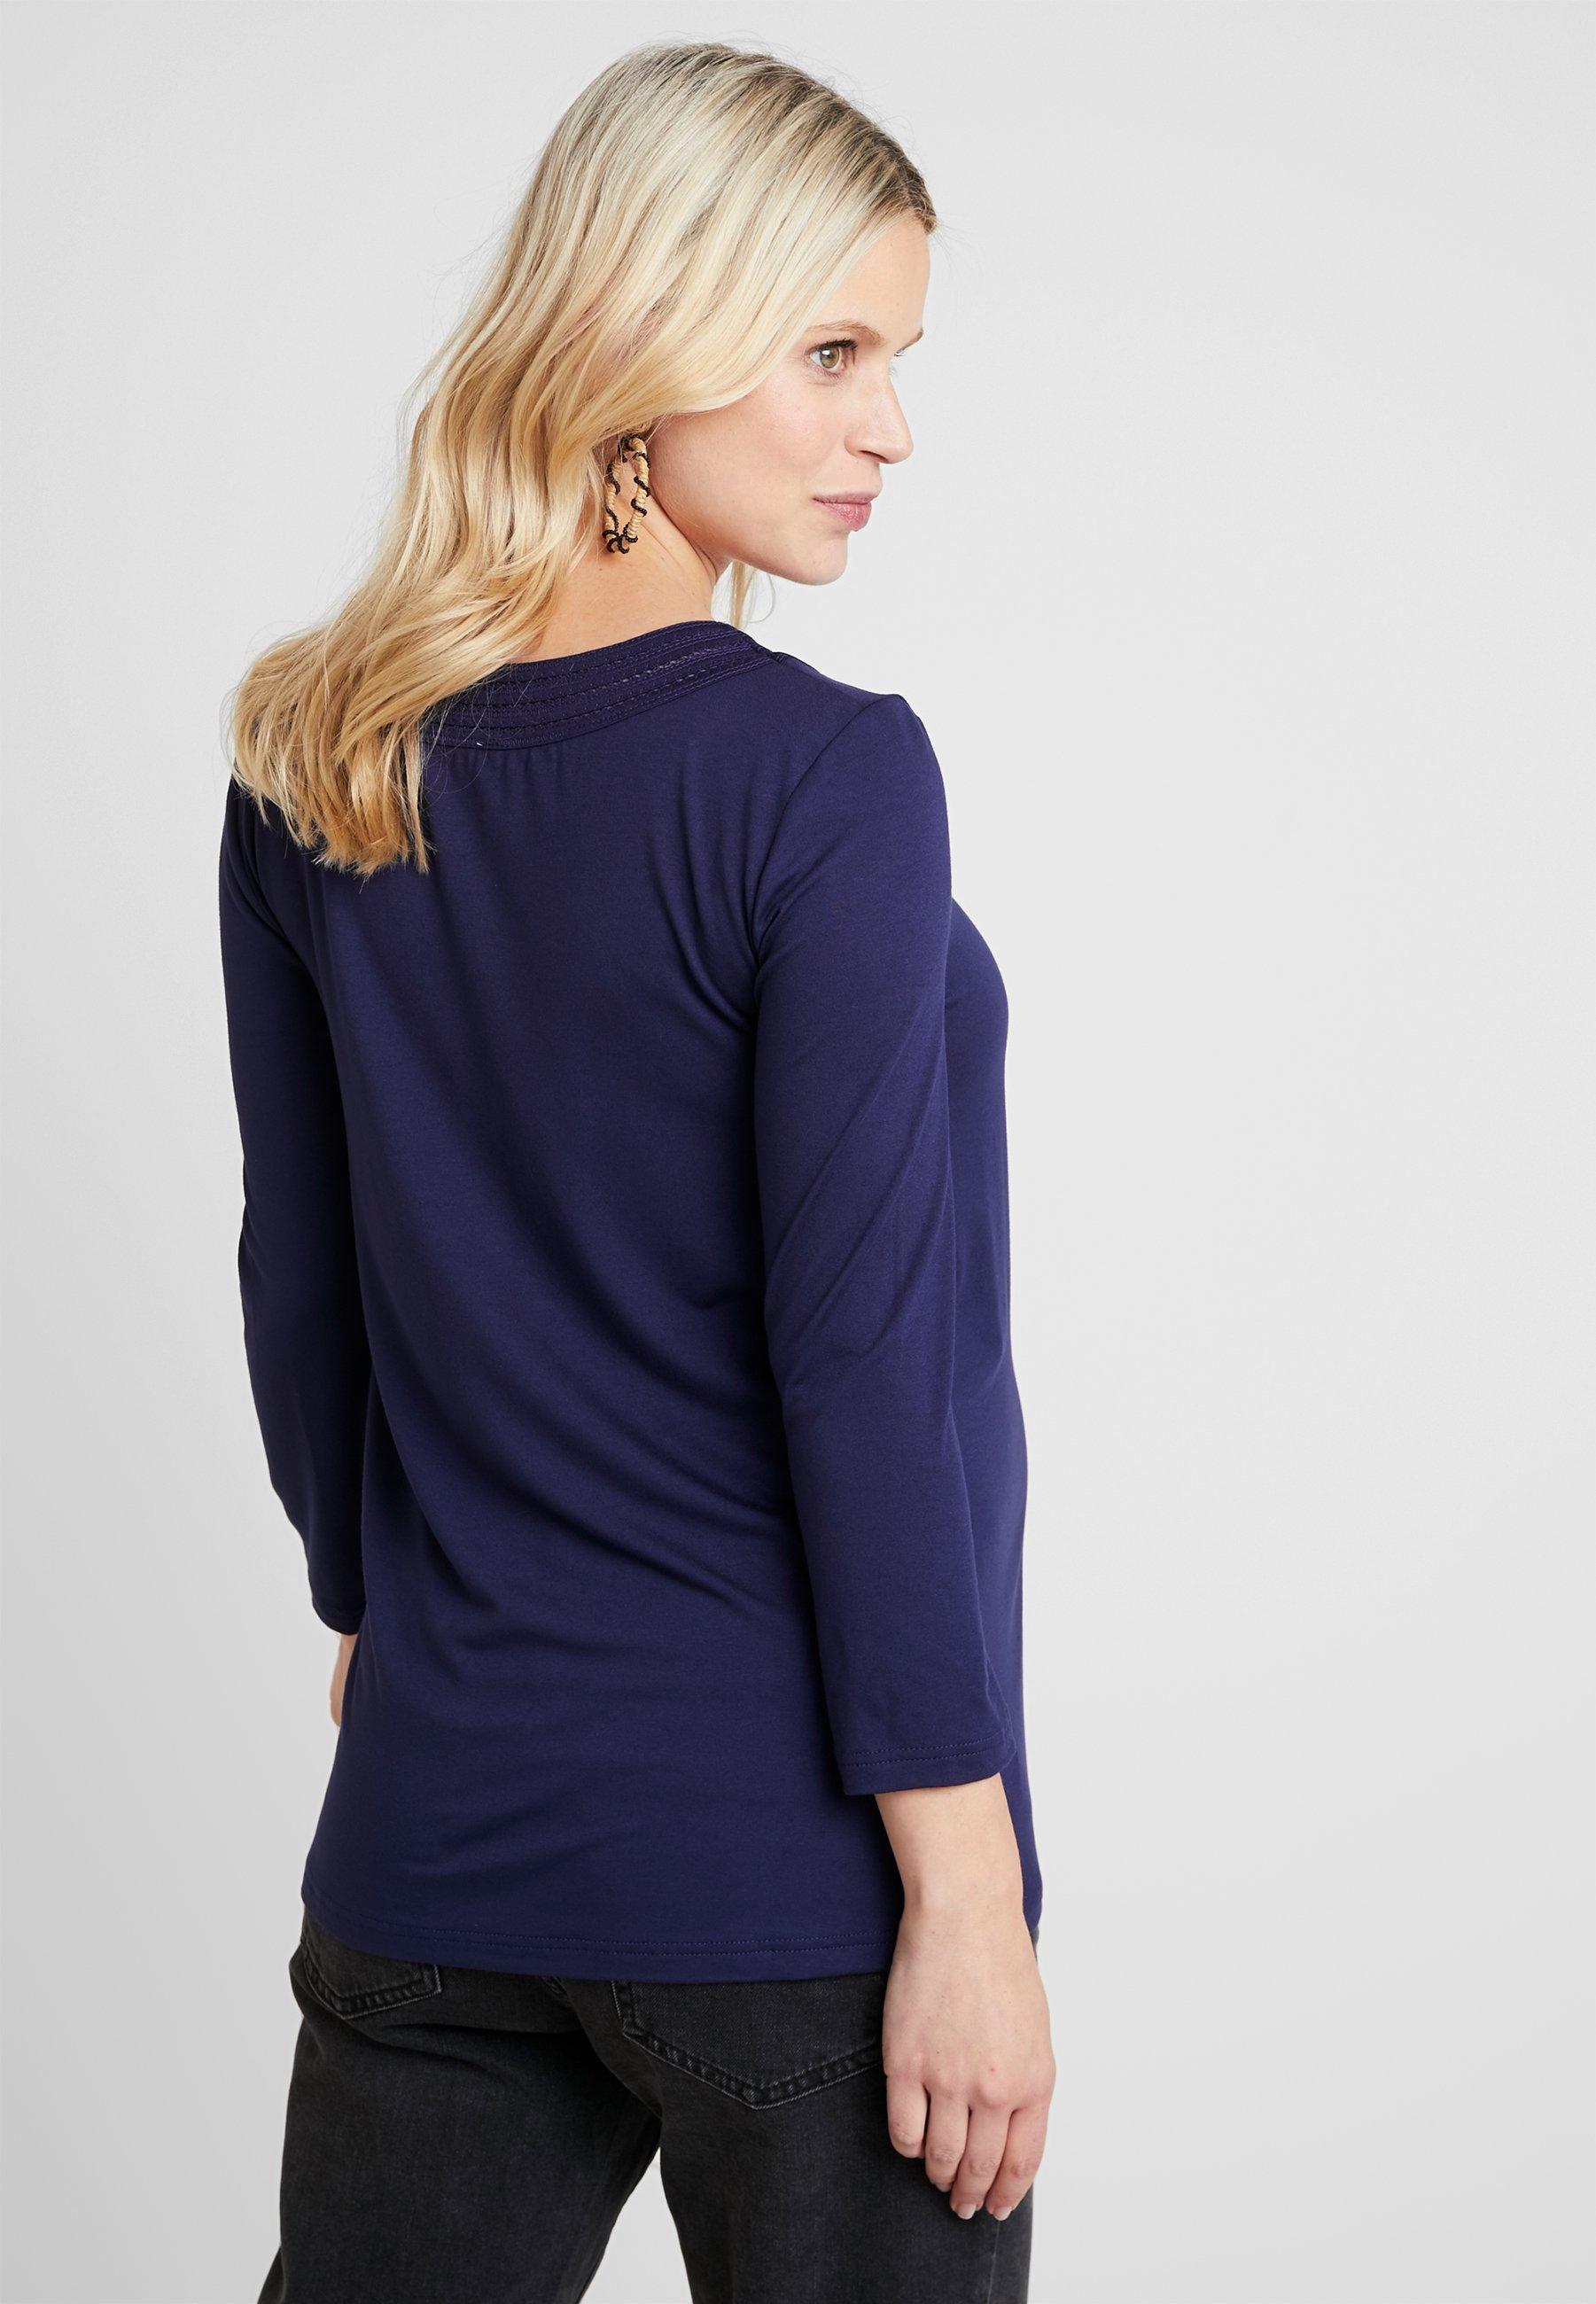 T dark blue Anna shirt Field à MAMA manches longues 4jRL3Ac5q